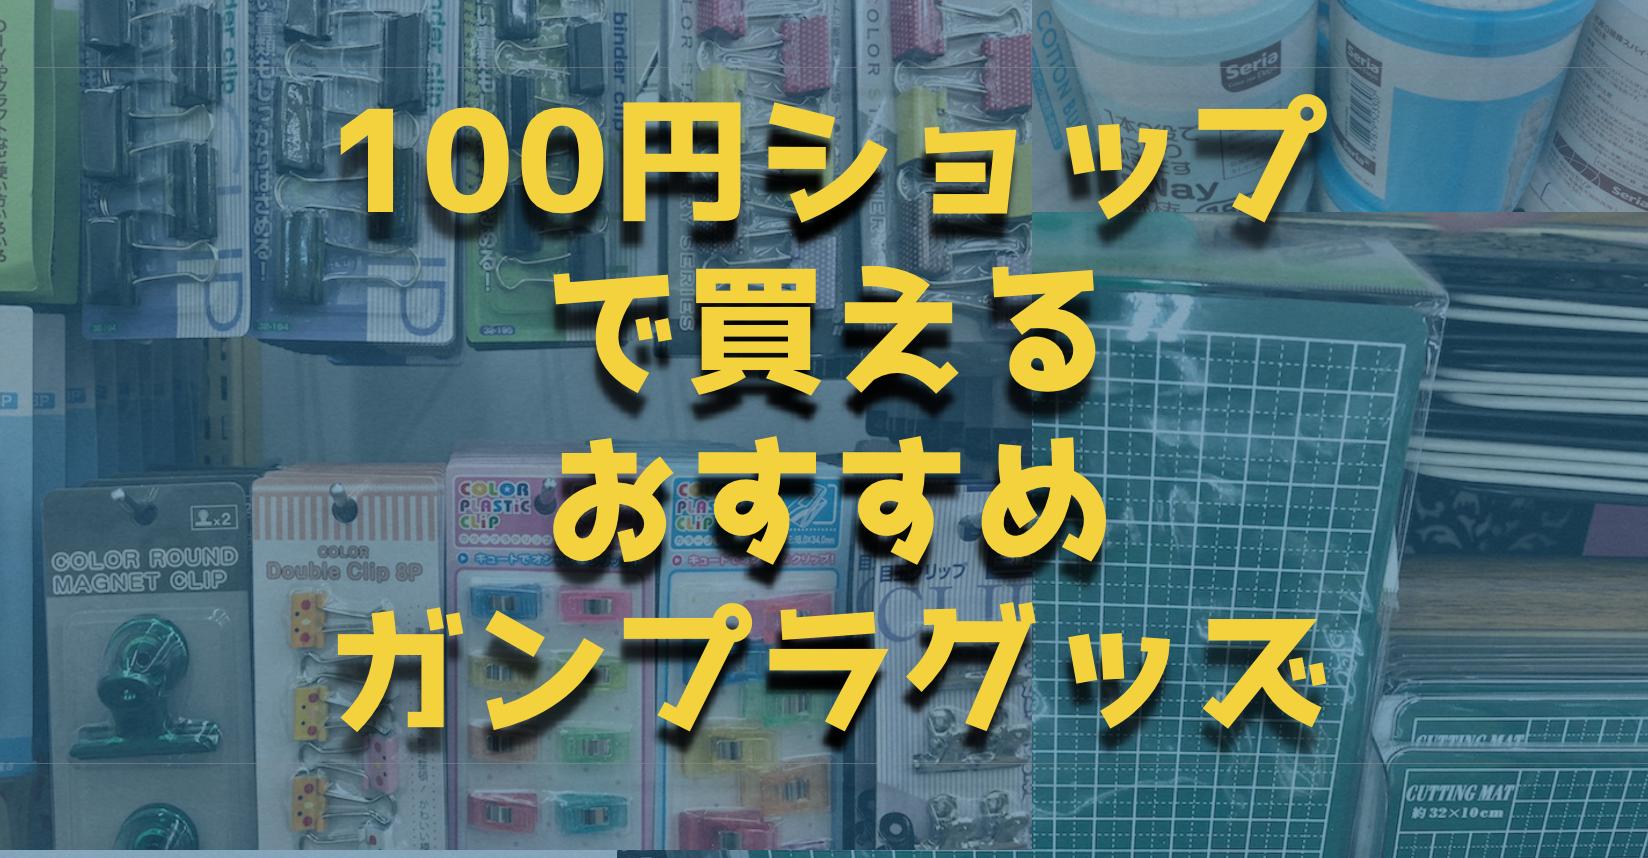 100均はガンプラ道具の聖地|ガンプラ作成に役立つ21の道具達